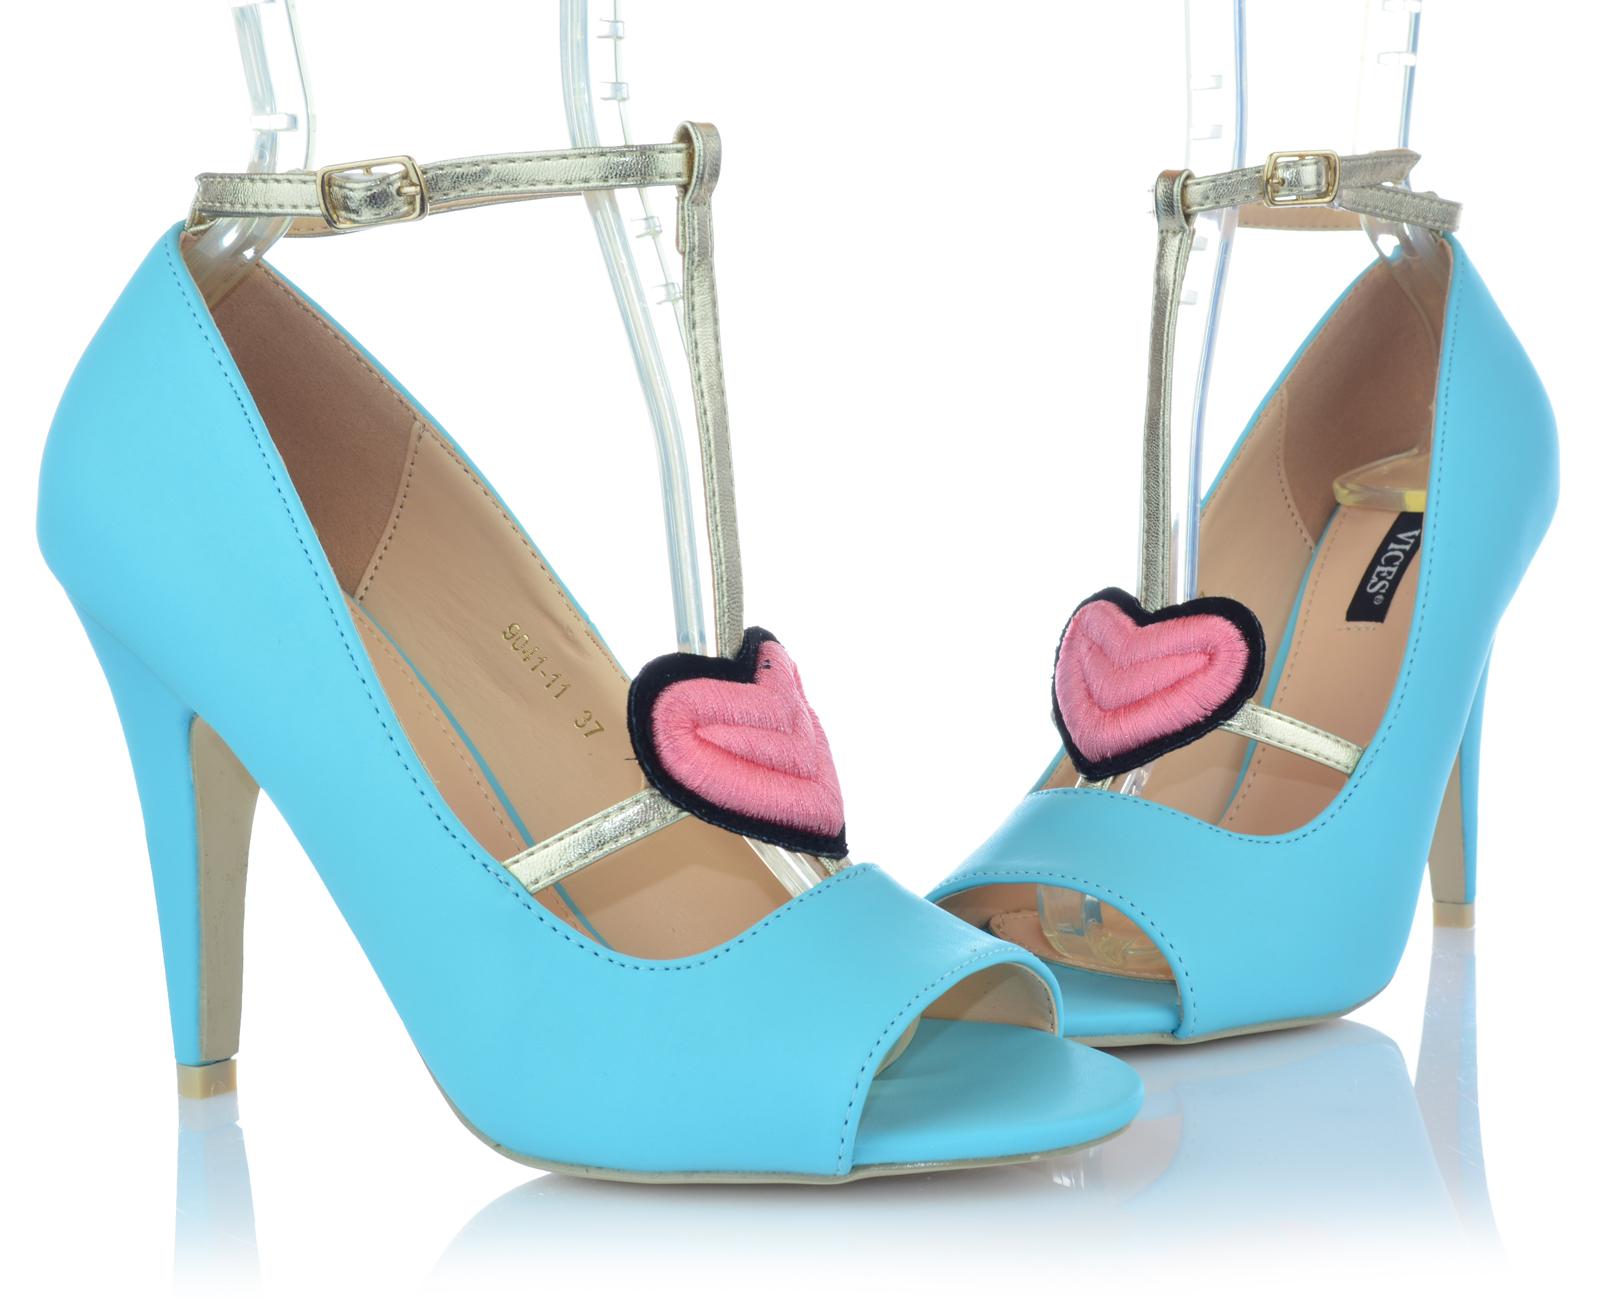 Zapatos-senora-tacon-alto-Stiletto-pumps-noche-zapatos-peep-con-tiras-zapatos-de-fiesta miniatura 5